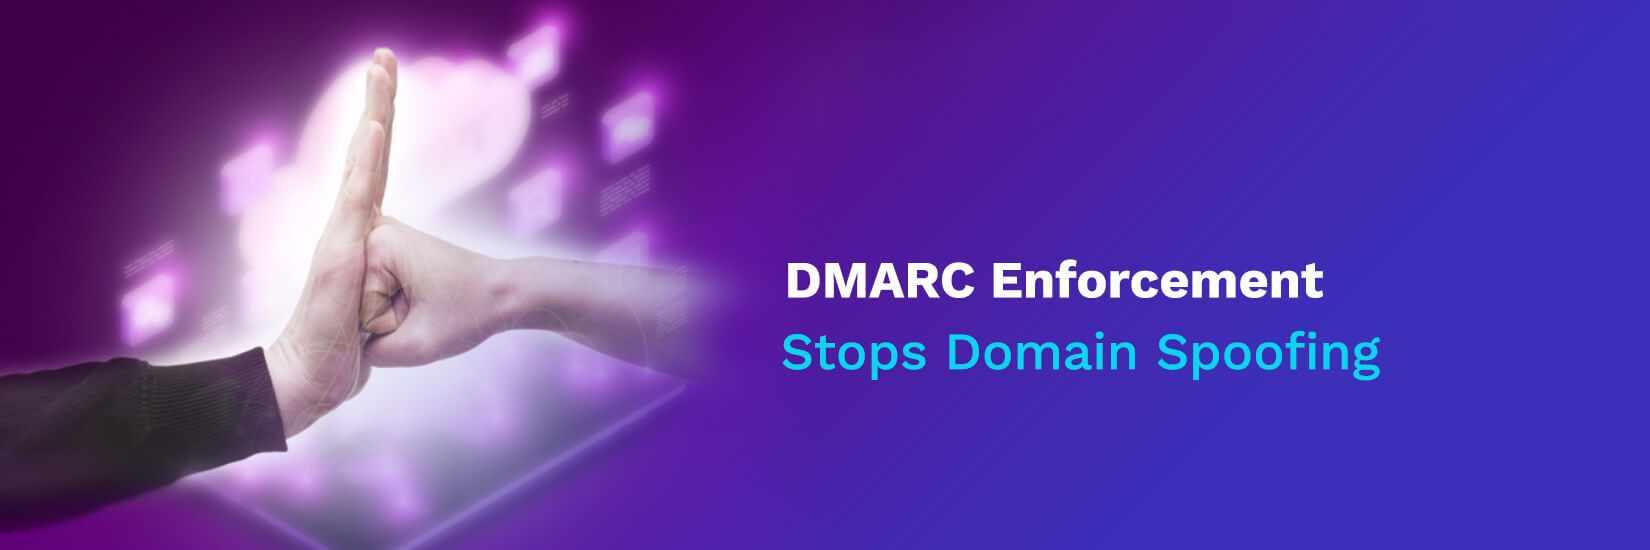 DMARC Enforcement Stops Domain Spoofing